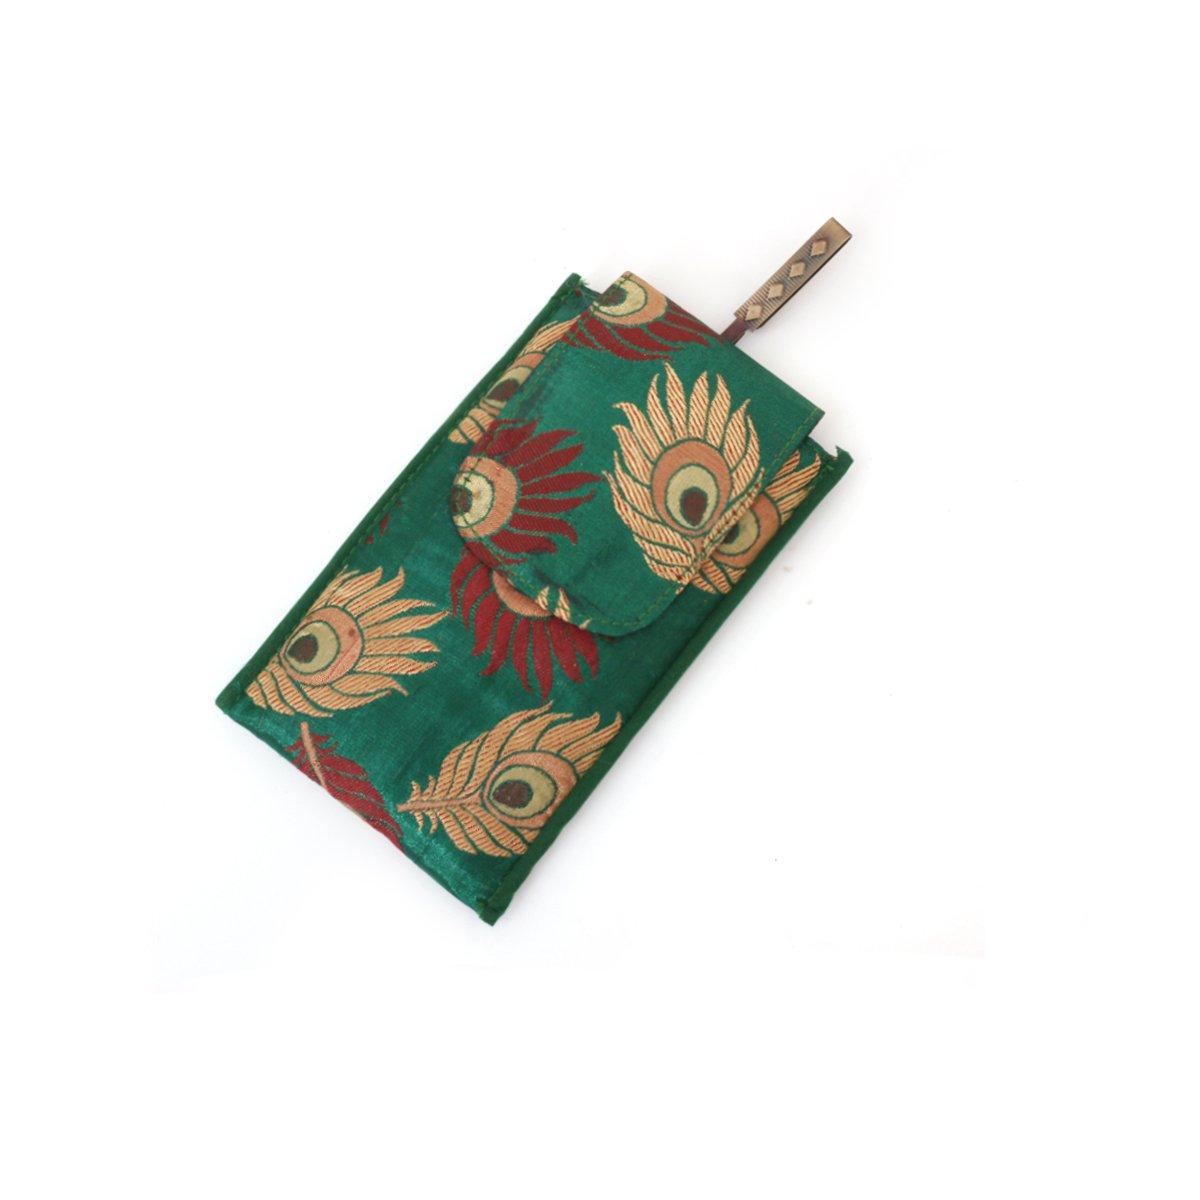 Mobile holder return gift